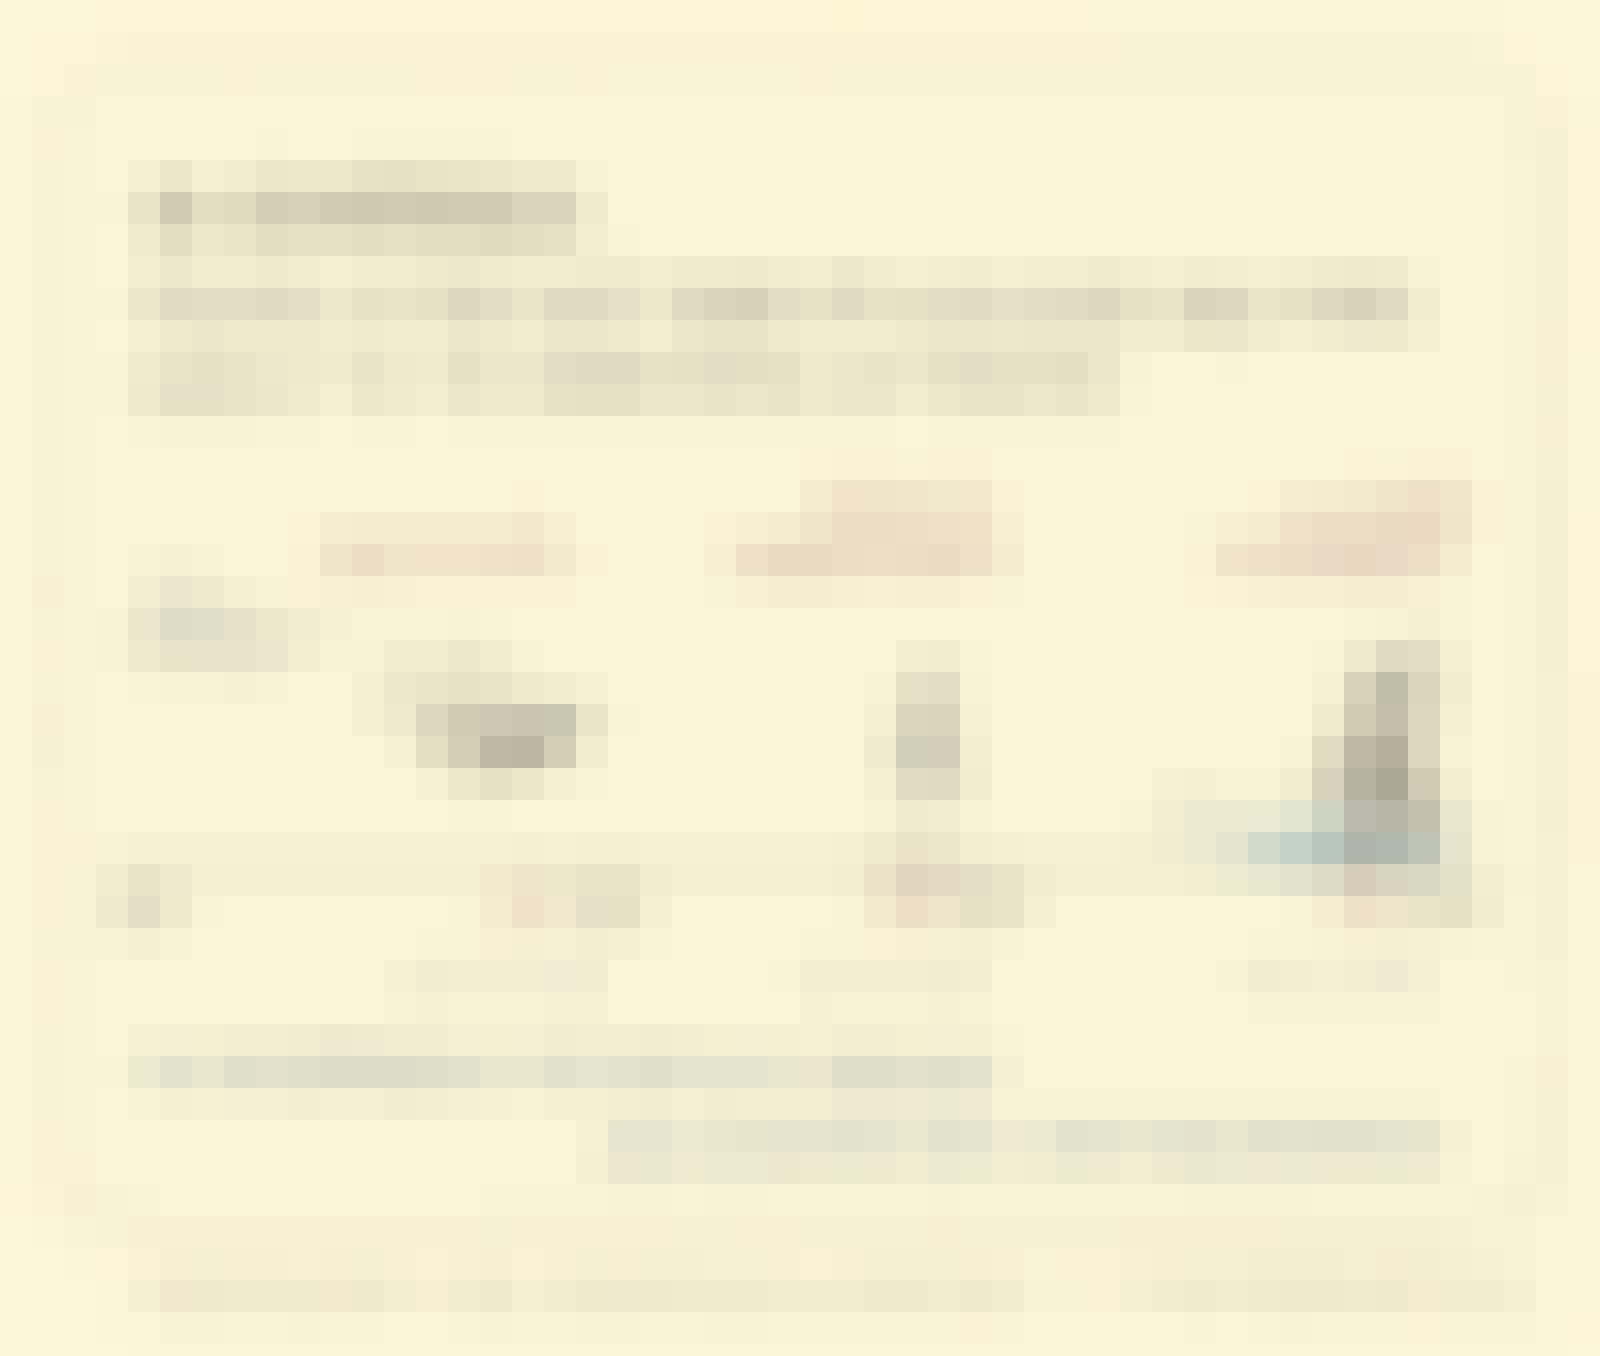 9-Enders - Sketchplanations